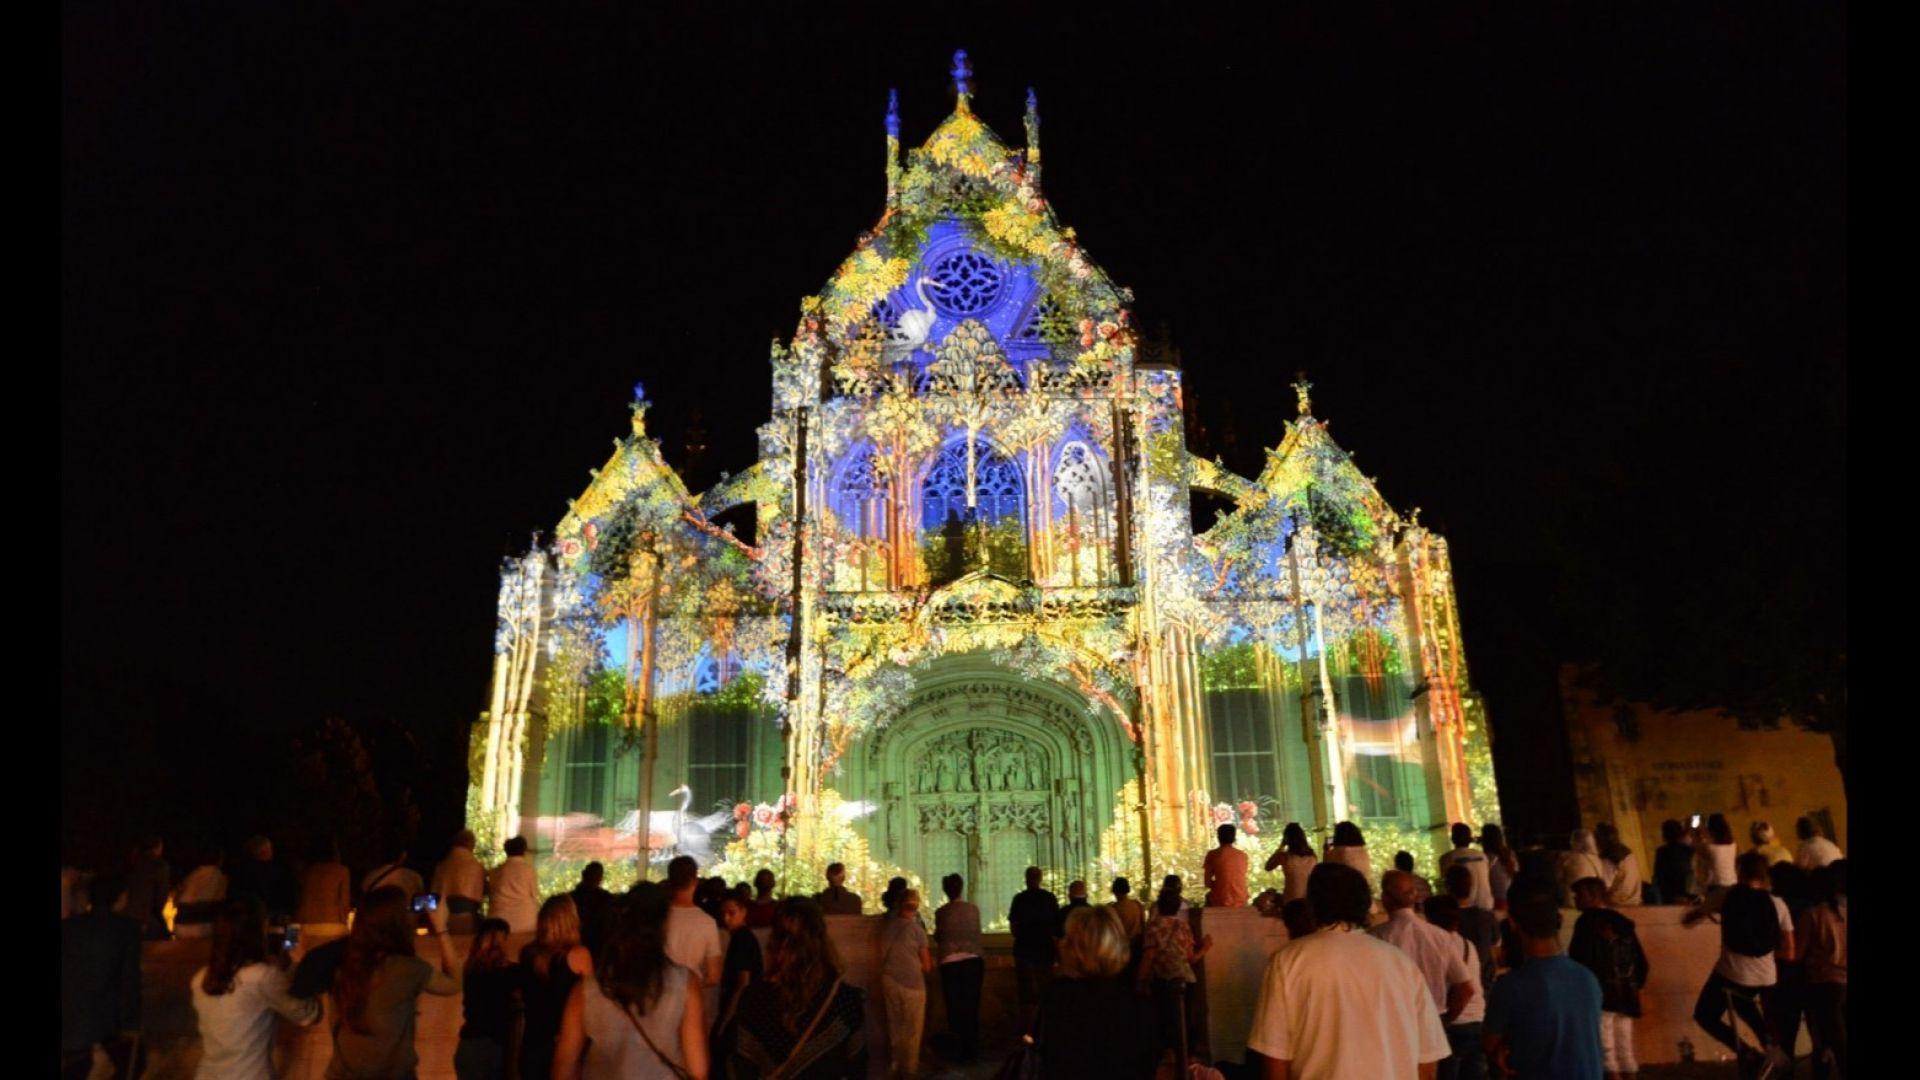 Хиляди хора пътуват, за да видят светлинното шоу в този френски град (видео)